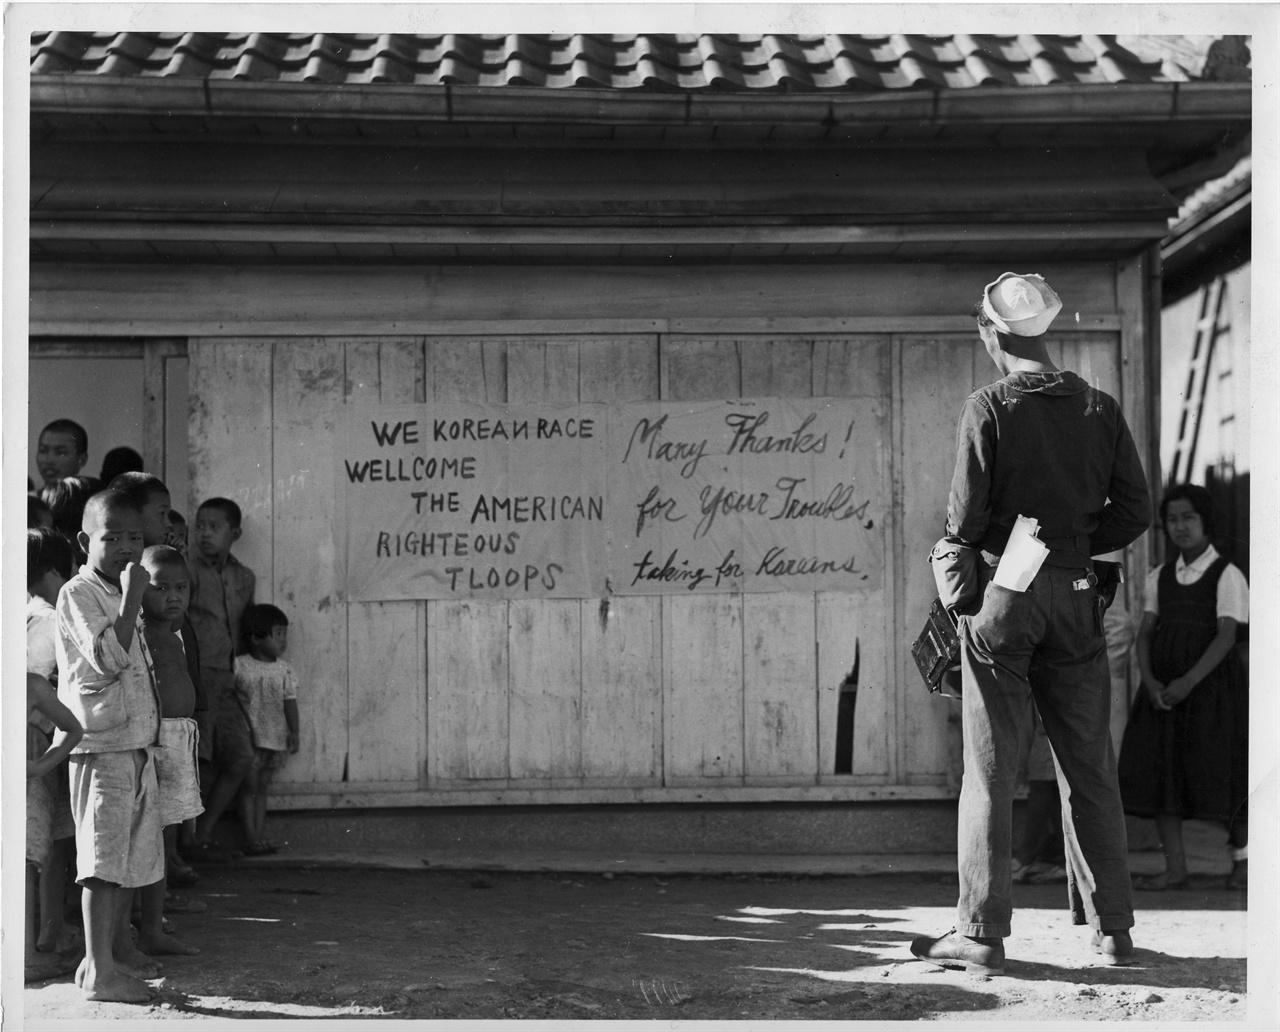 """1945. 9. 16. 한 미군이 """"한국인은 미군을 환영한다""""는 게시판을 바라보고 있다."""